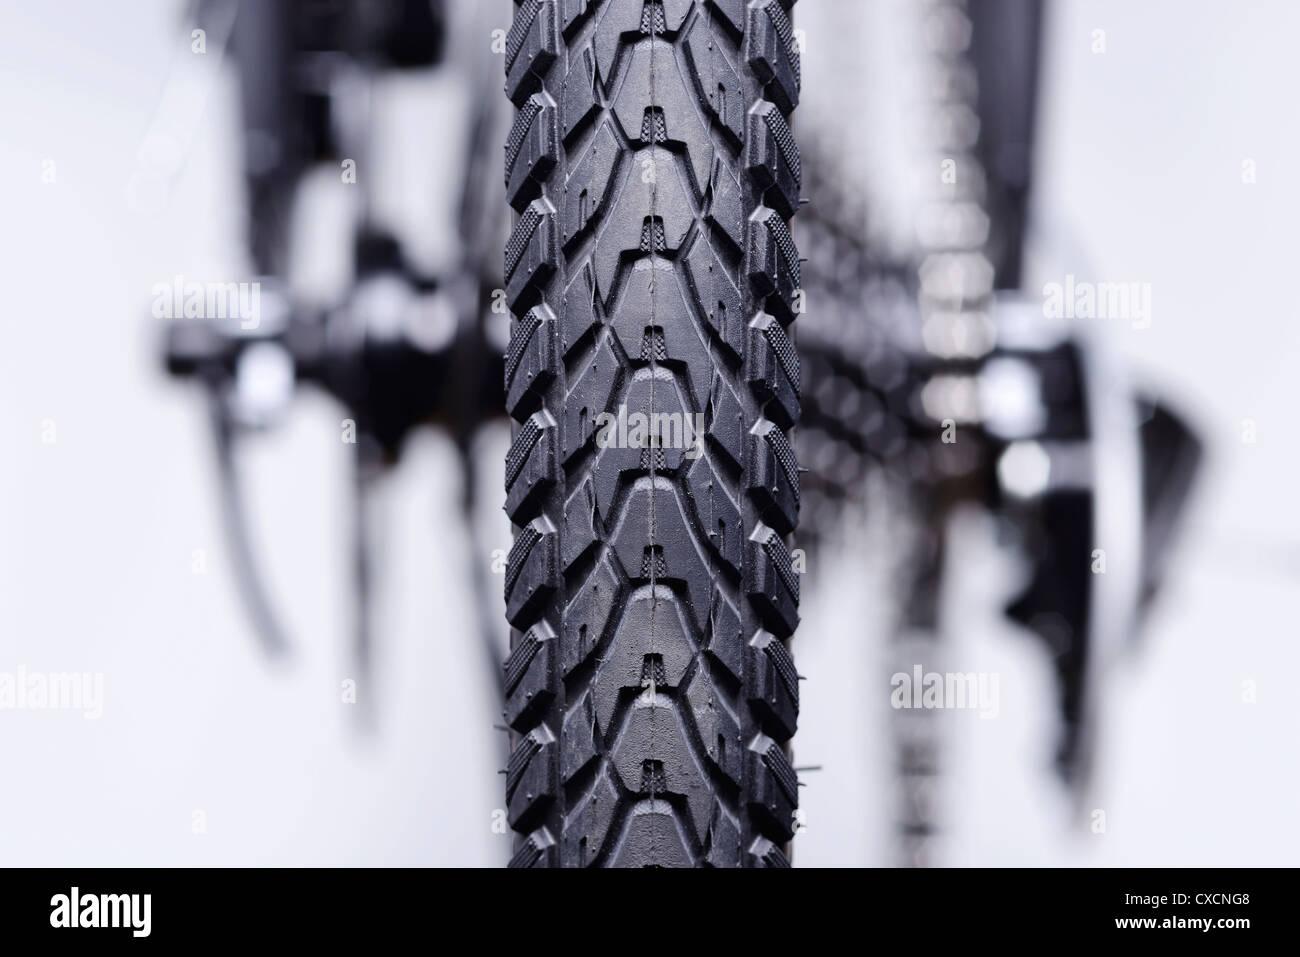 Dettaglio astratta della ruota posteriore degli ingranaggi e dei freni di una bicicletta Immagini Stock